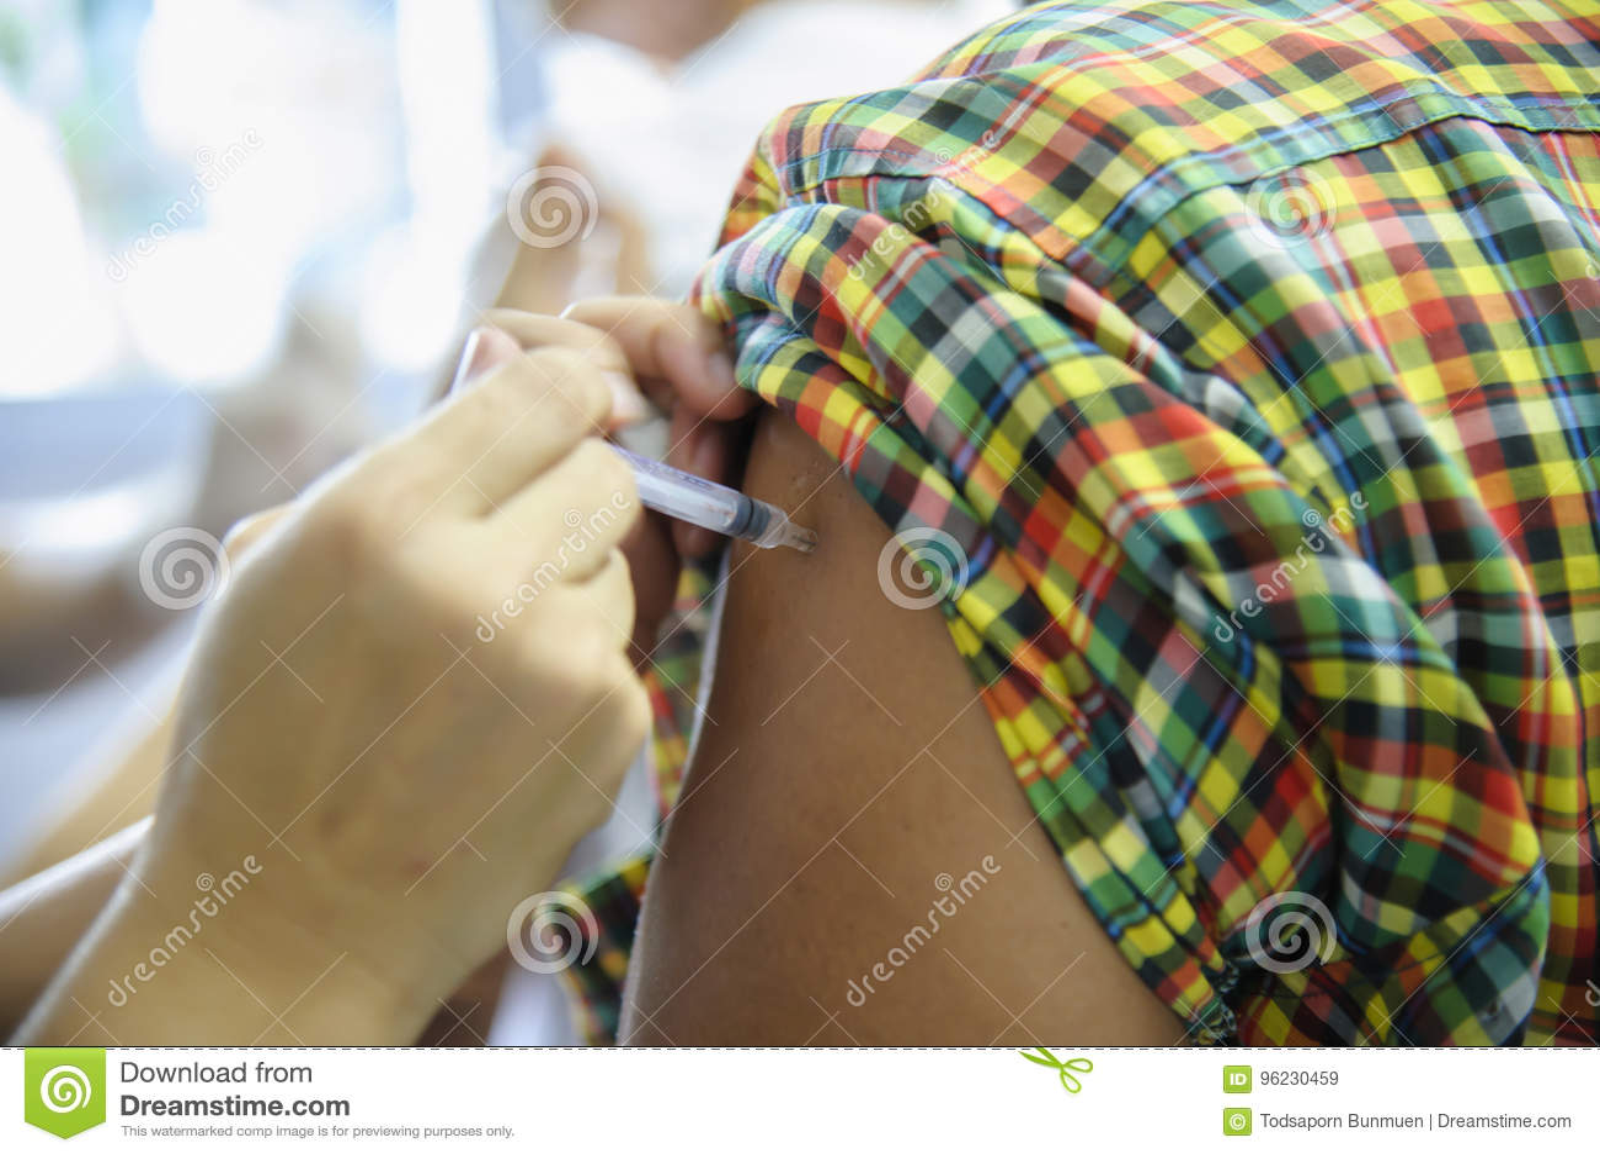 Injicerar den vaccinera injektionen för immunisering, doktor vaccinen till den tålmodiga armen